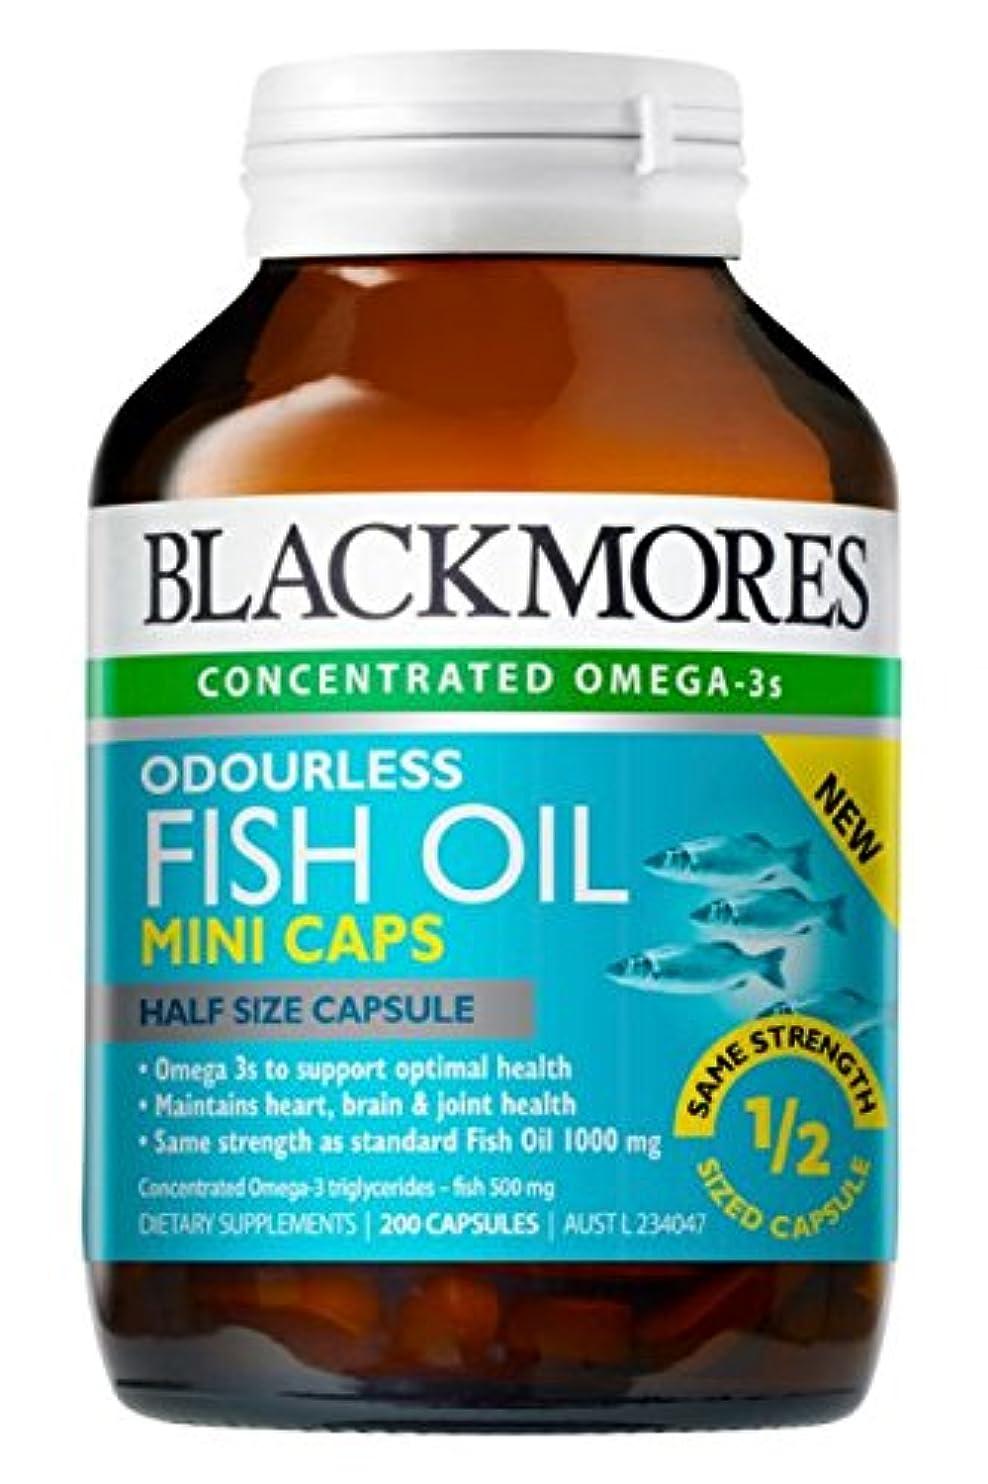 食物微妙絵ブラックモアズ社 魚のにおいのしないフィッシュオイル ミニカプセル 200カプセル 【海外直送品】